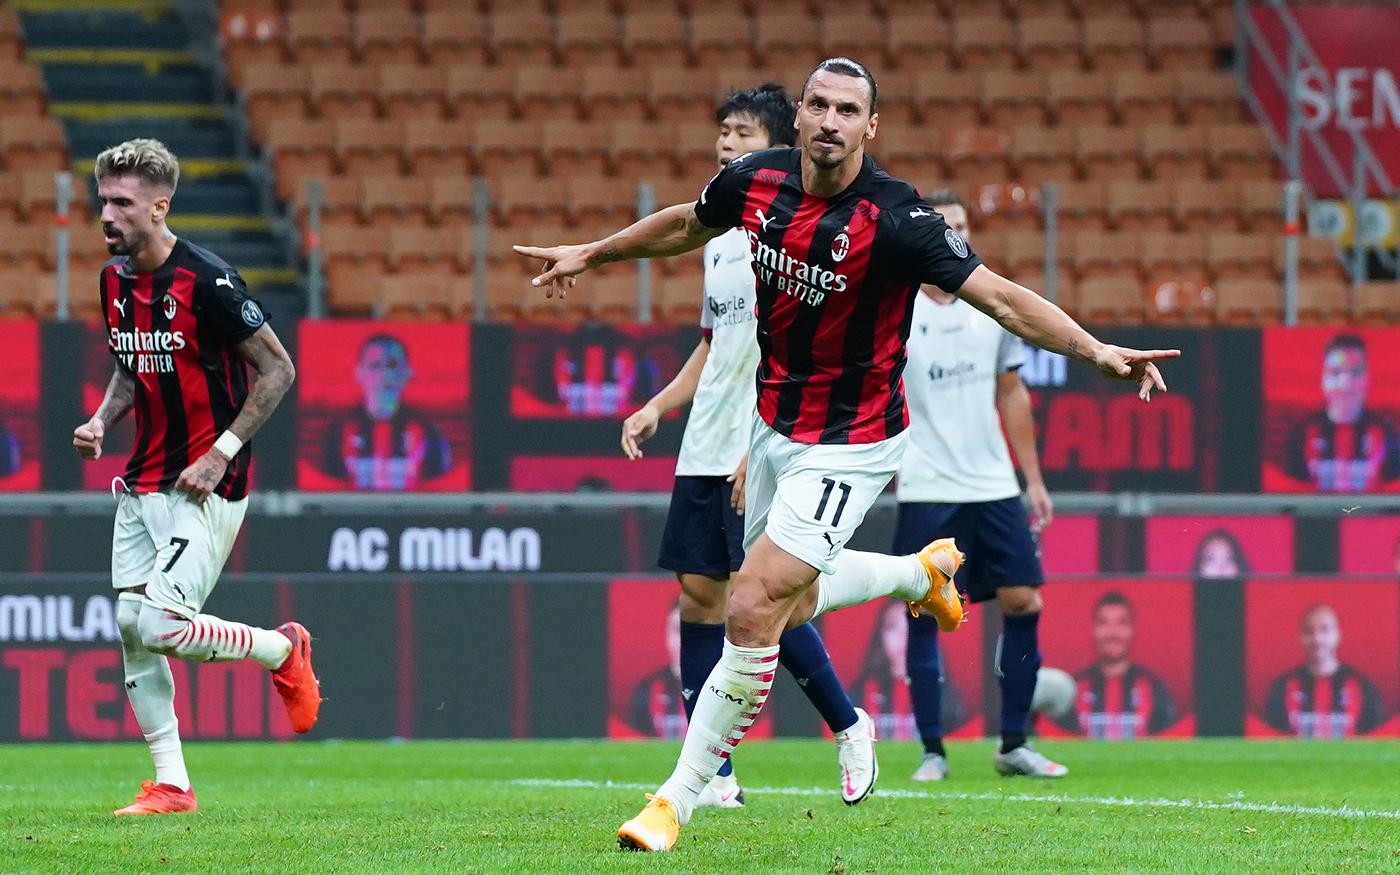 Cagliari Milan oggi, Serie A: orario, tv, programma, streaming, probabili formazioni